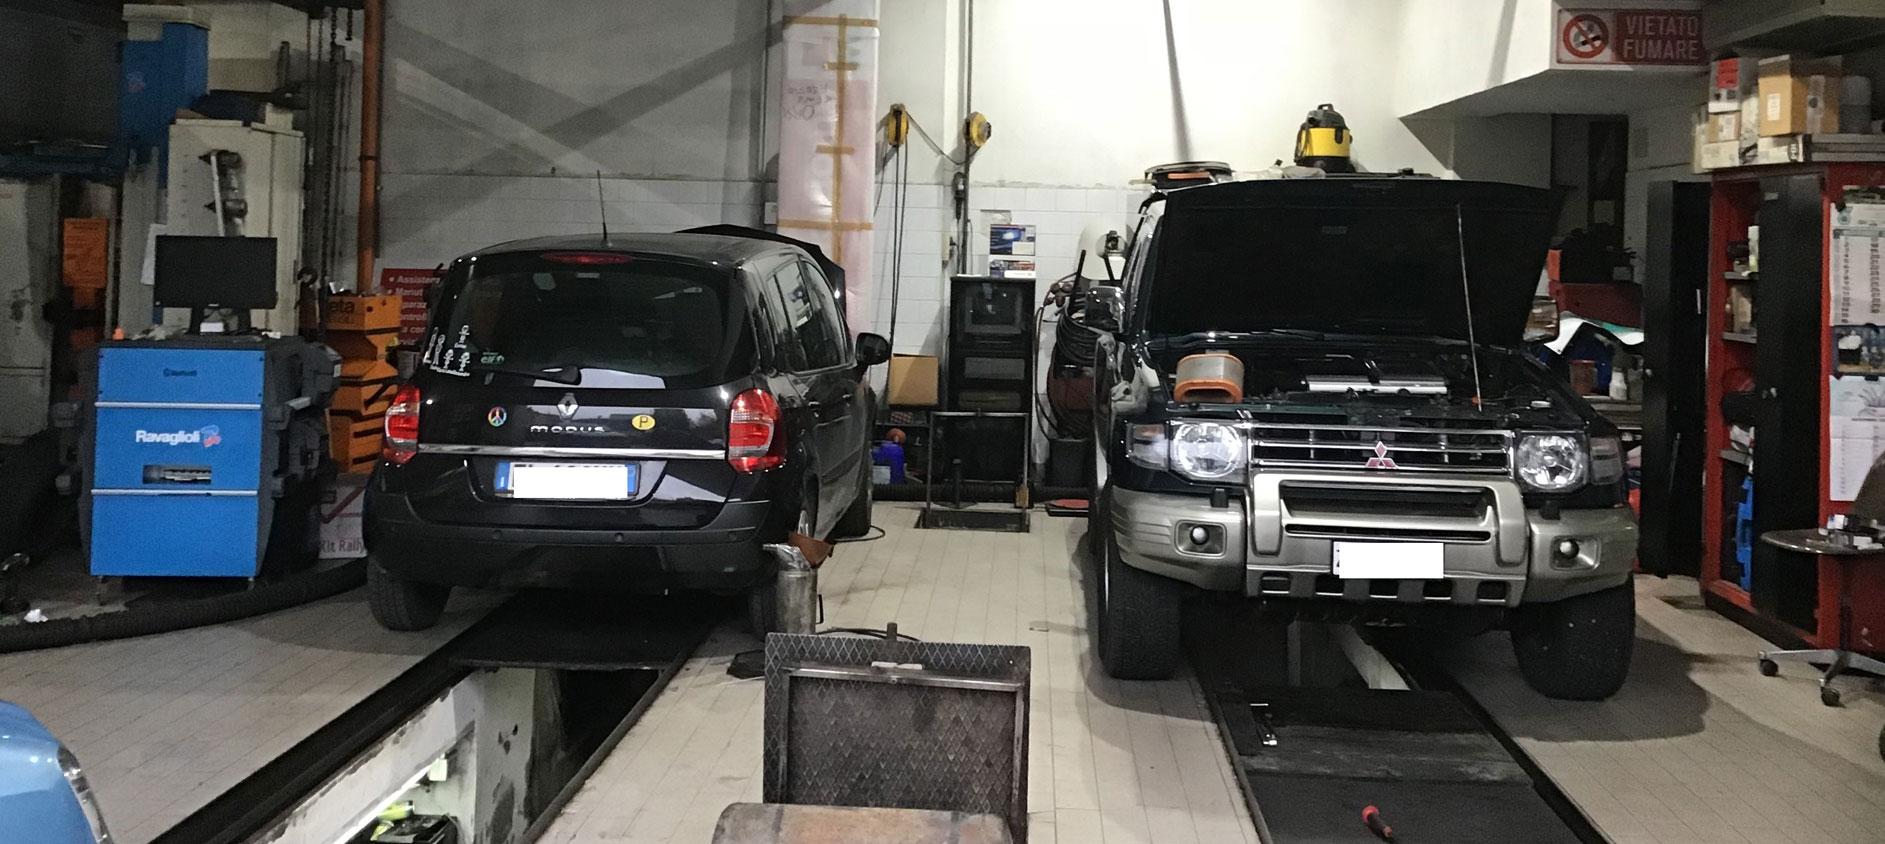 Manutenzione ordinaria e straordinaria auto Autofficina Orsi